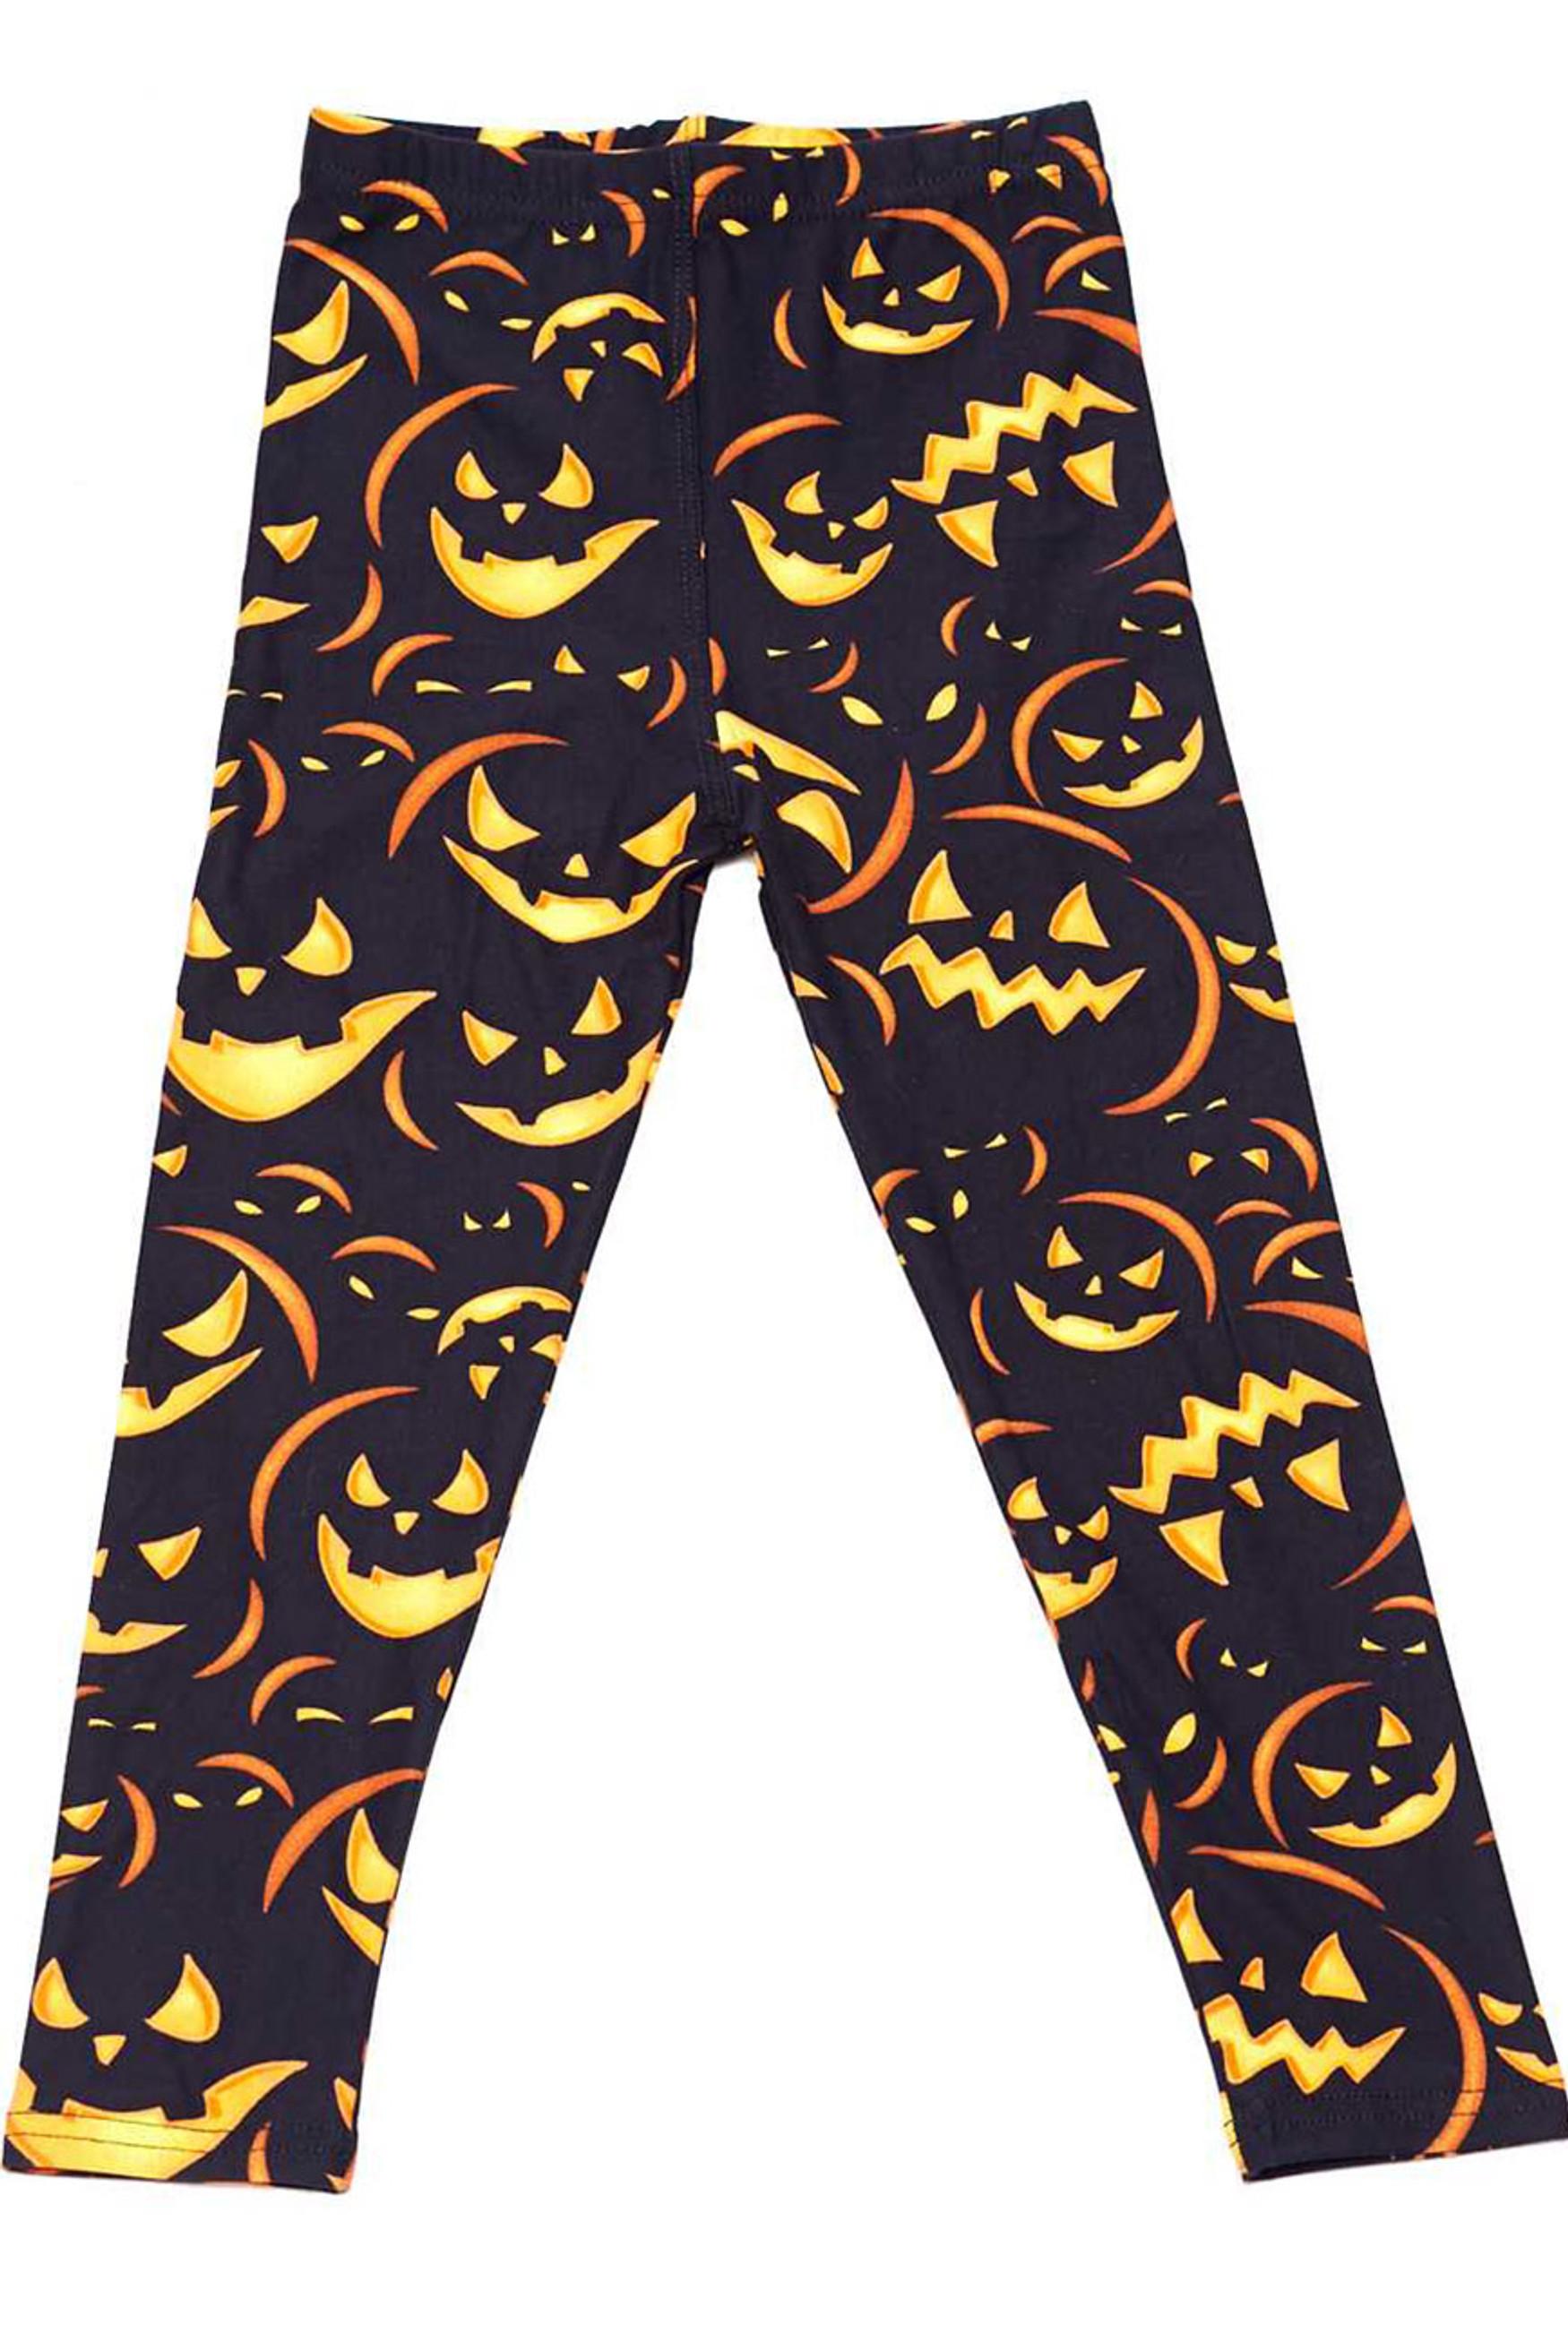 Soft Brushed Evil Halloween Pumpkins Kids Leggings